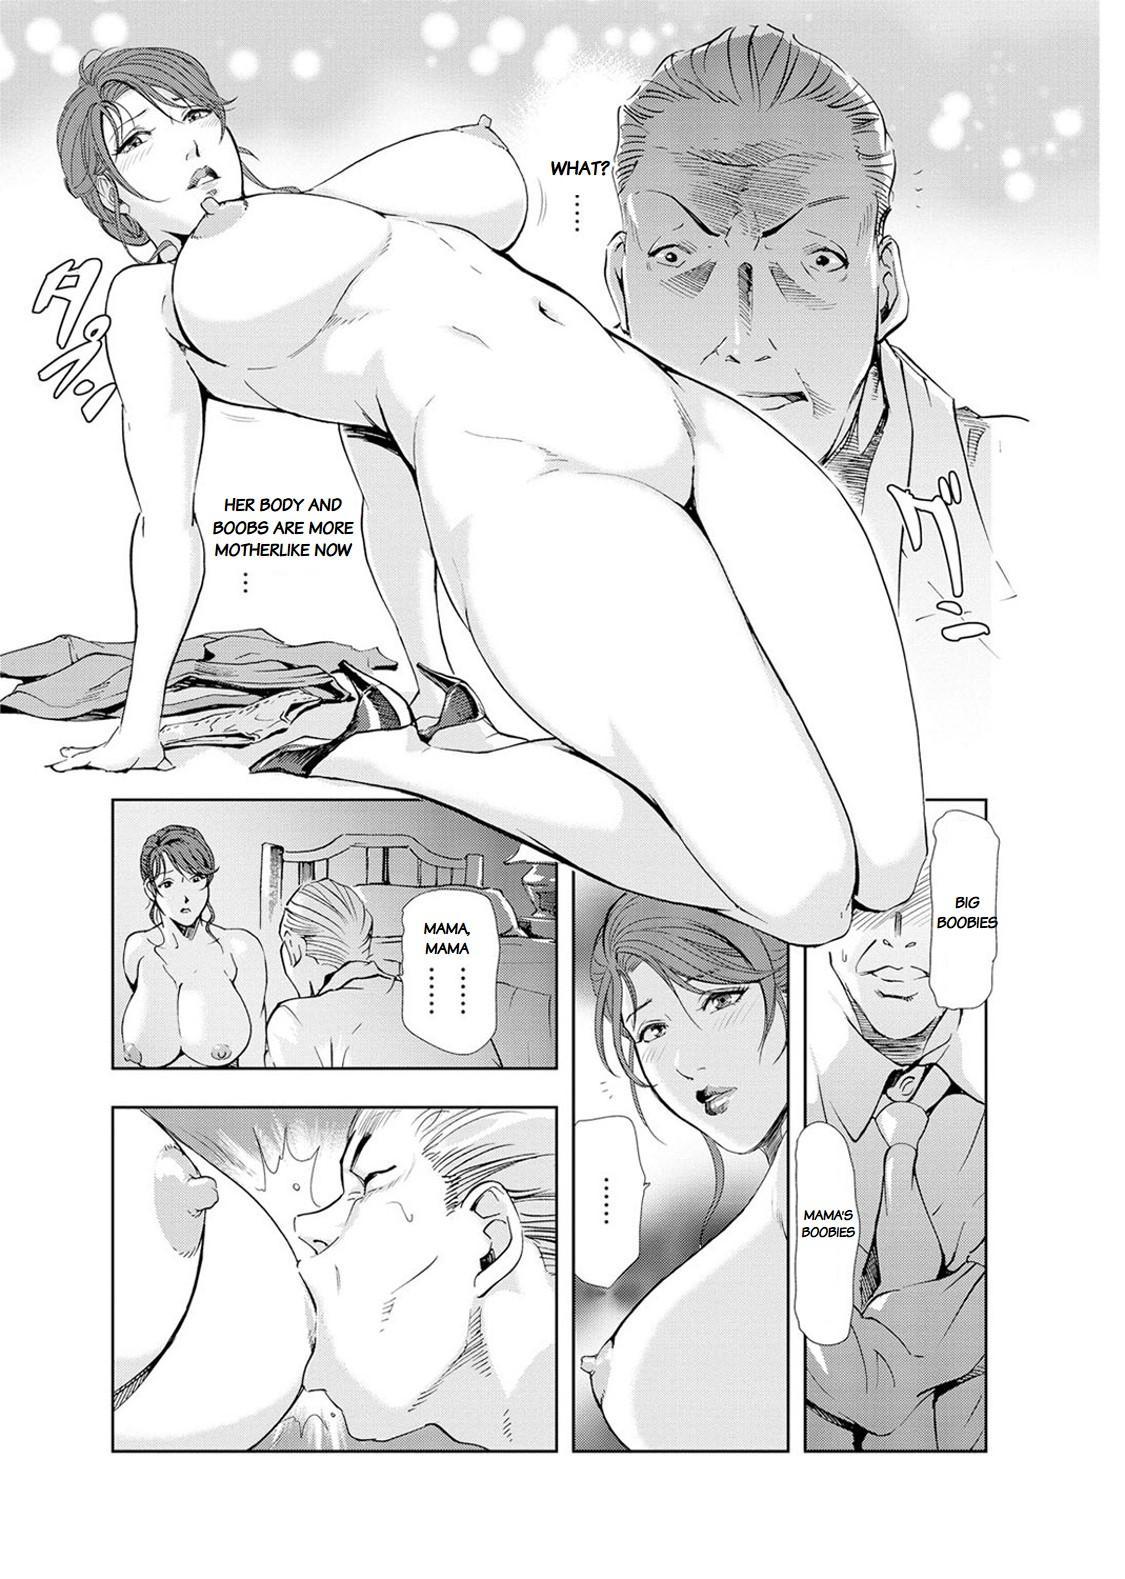 Nikuhisyo Yukiko chapter 20 22